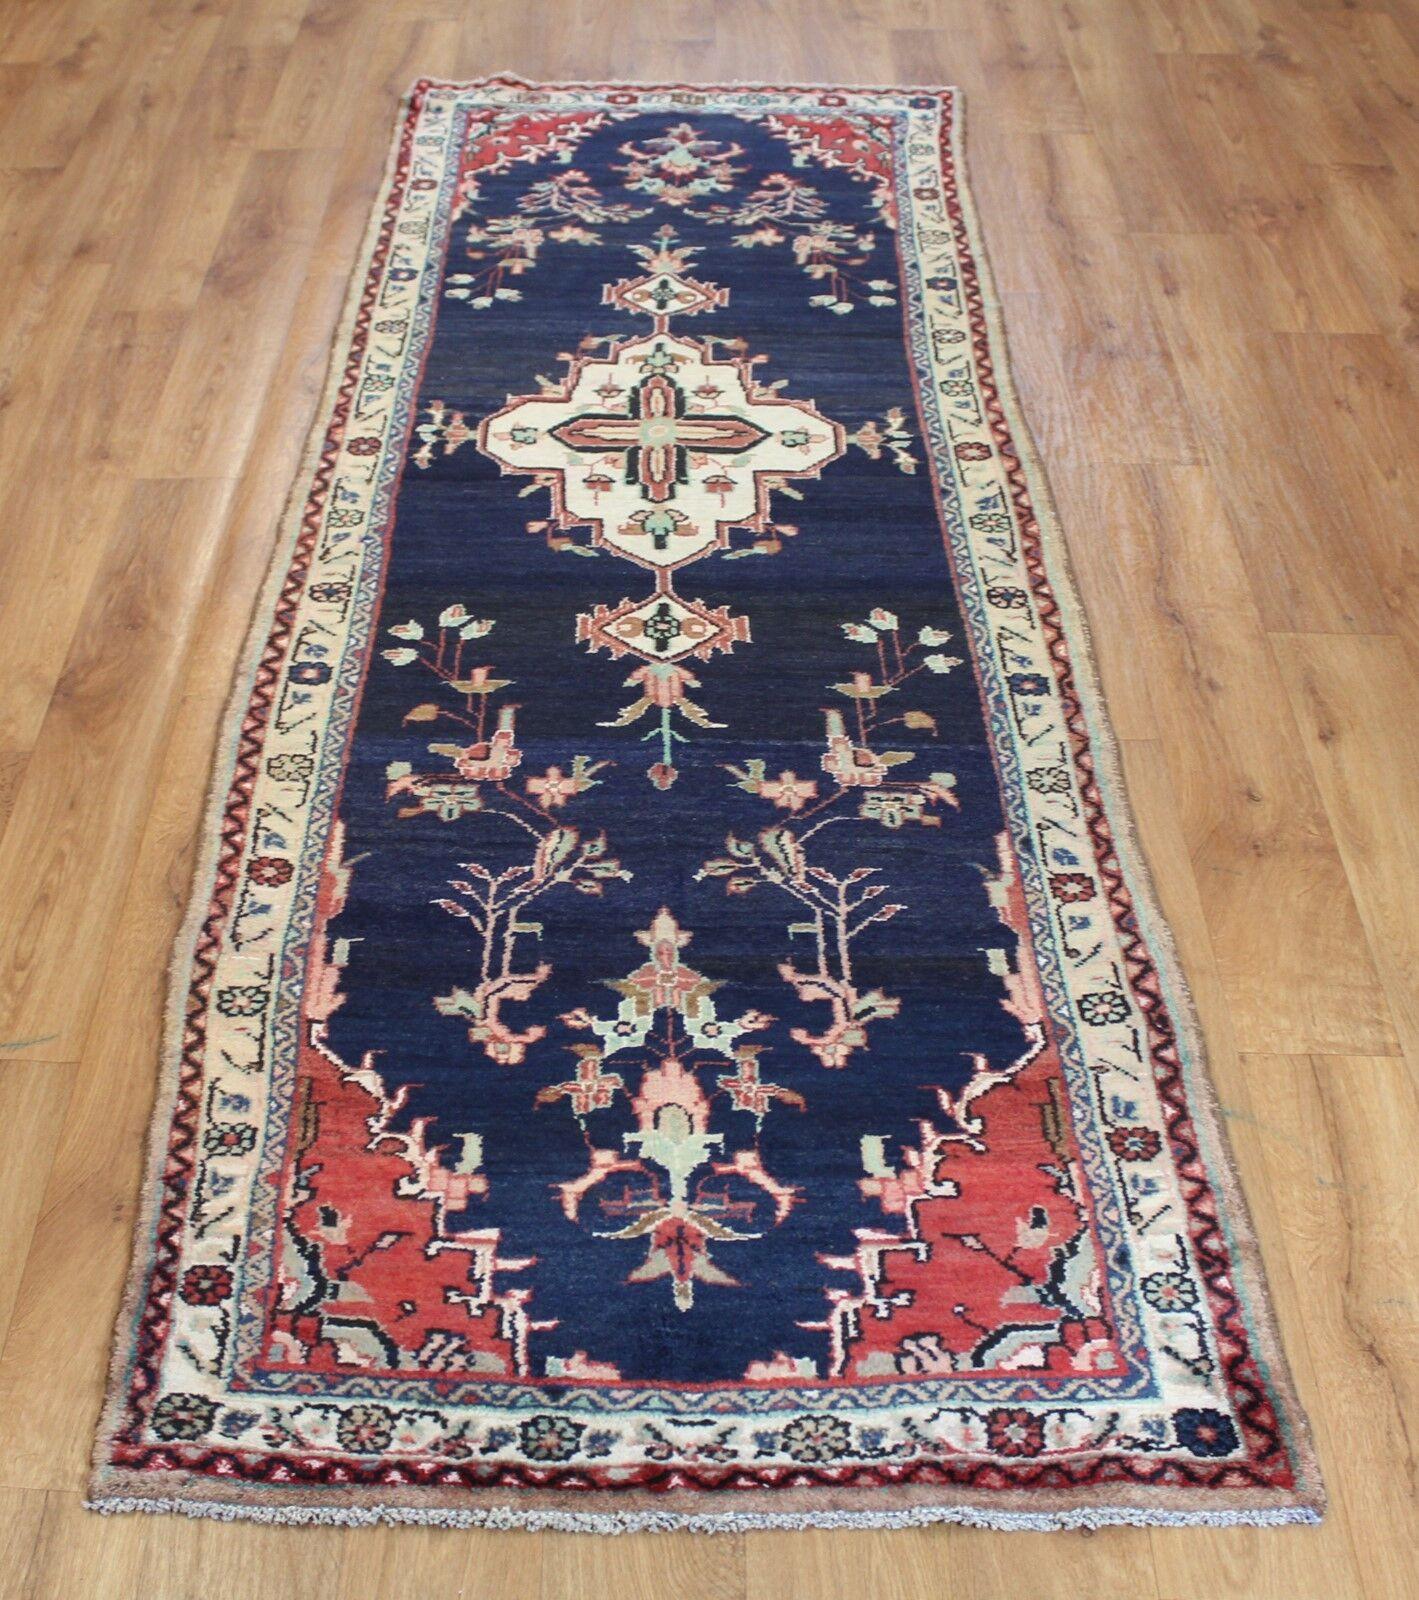 Clásico Hecho a Mano Vintage de Lana Tradicional Alfombra Oriental Alfombra 270x88cm